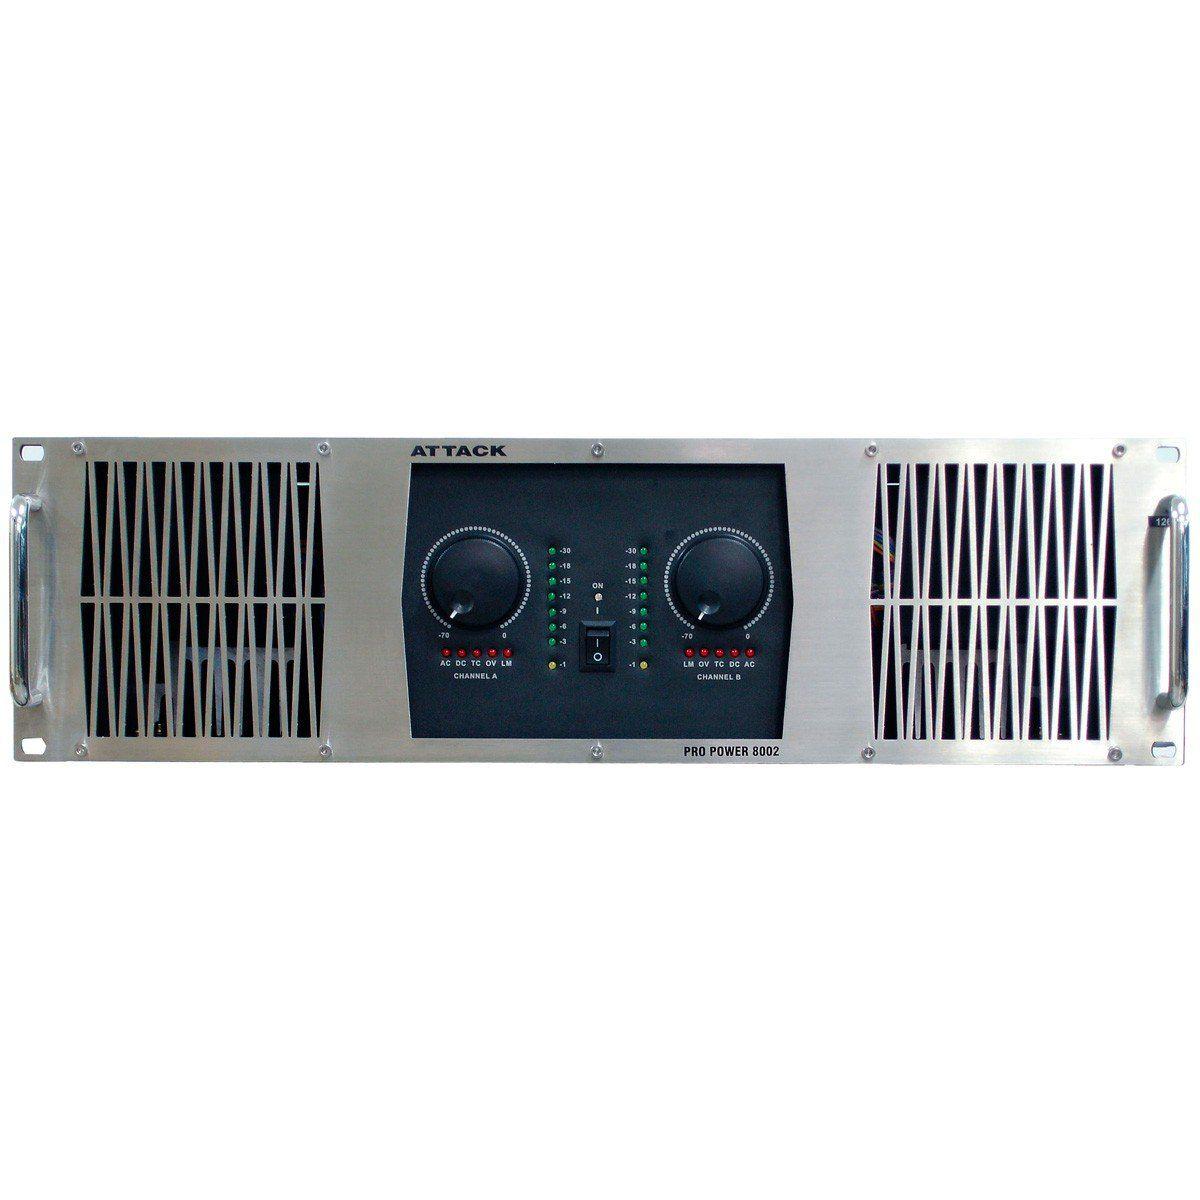 Amplificador de Potencia 8000W 4 Ohms PP 8002 - Attack